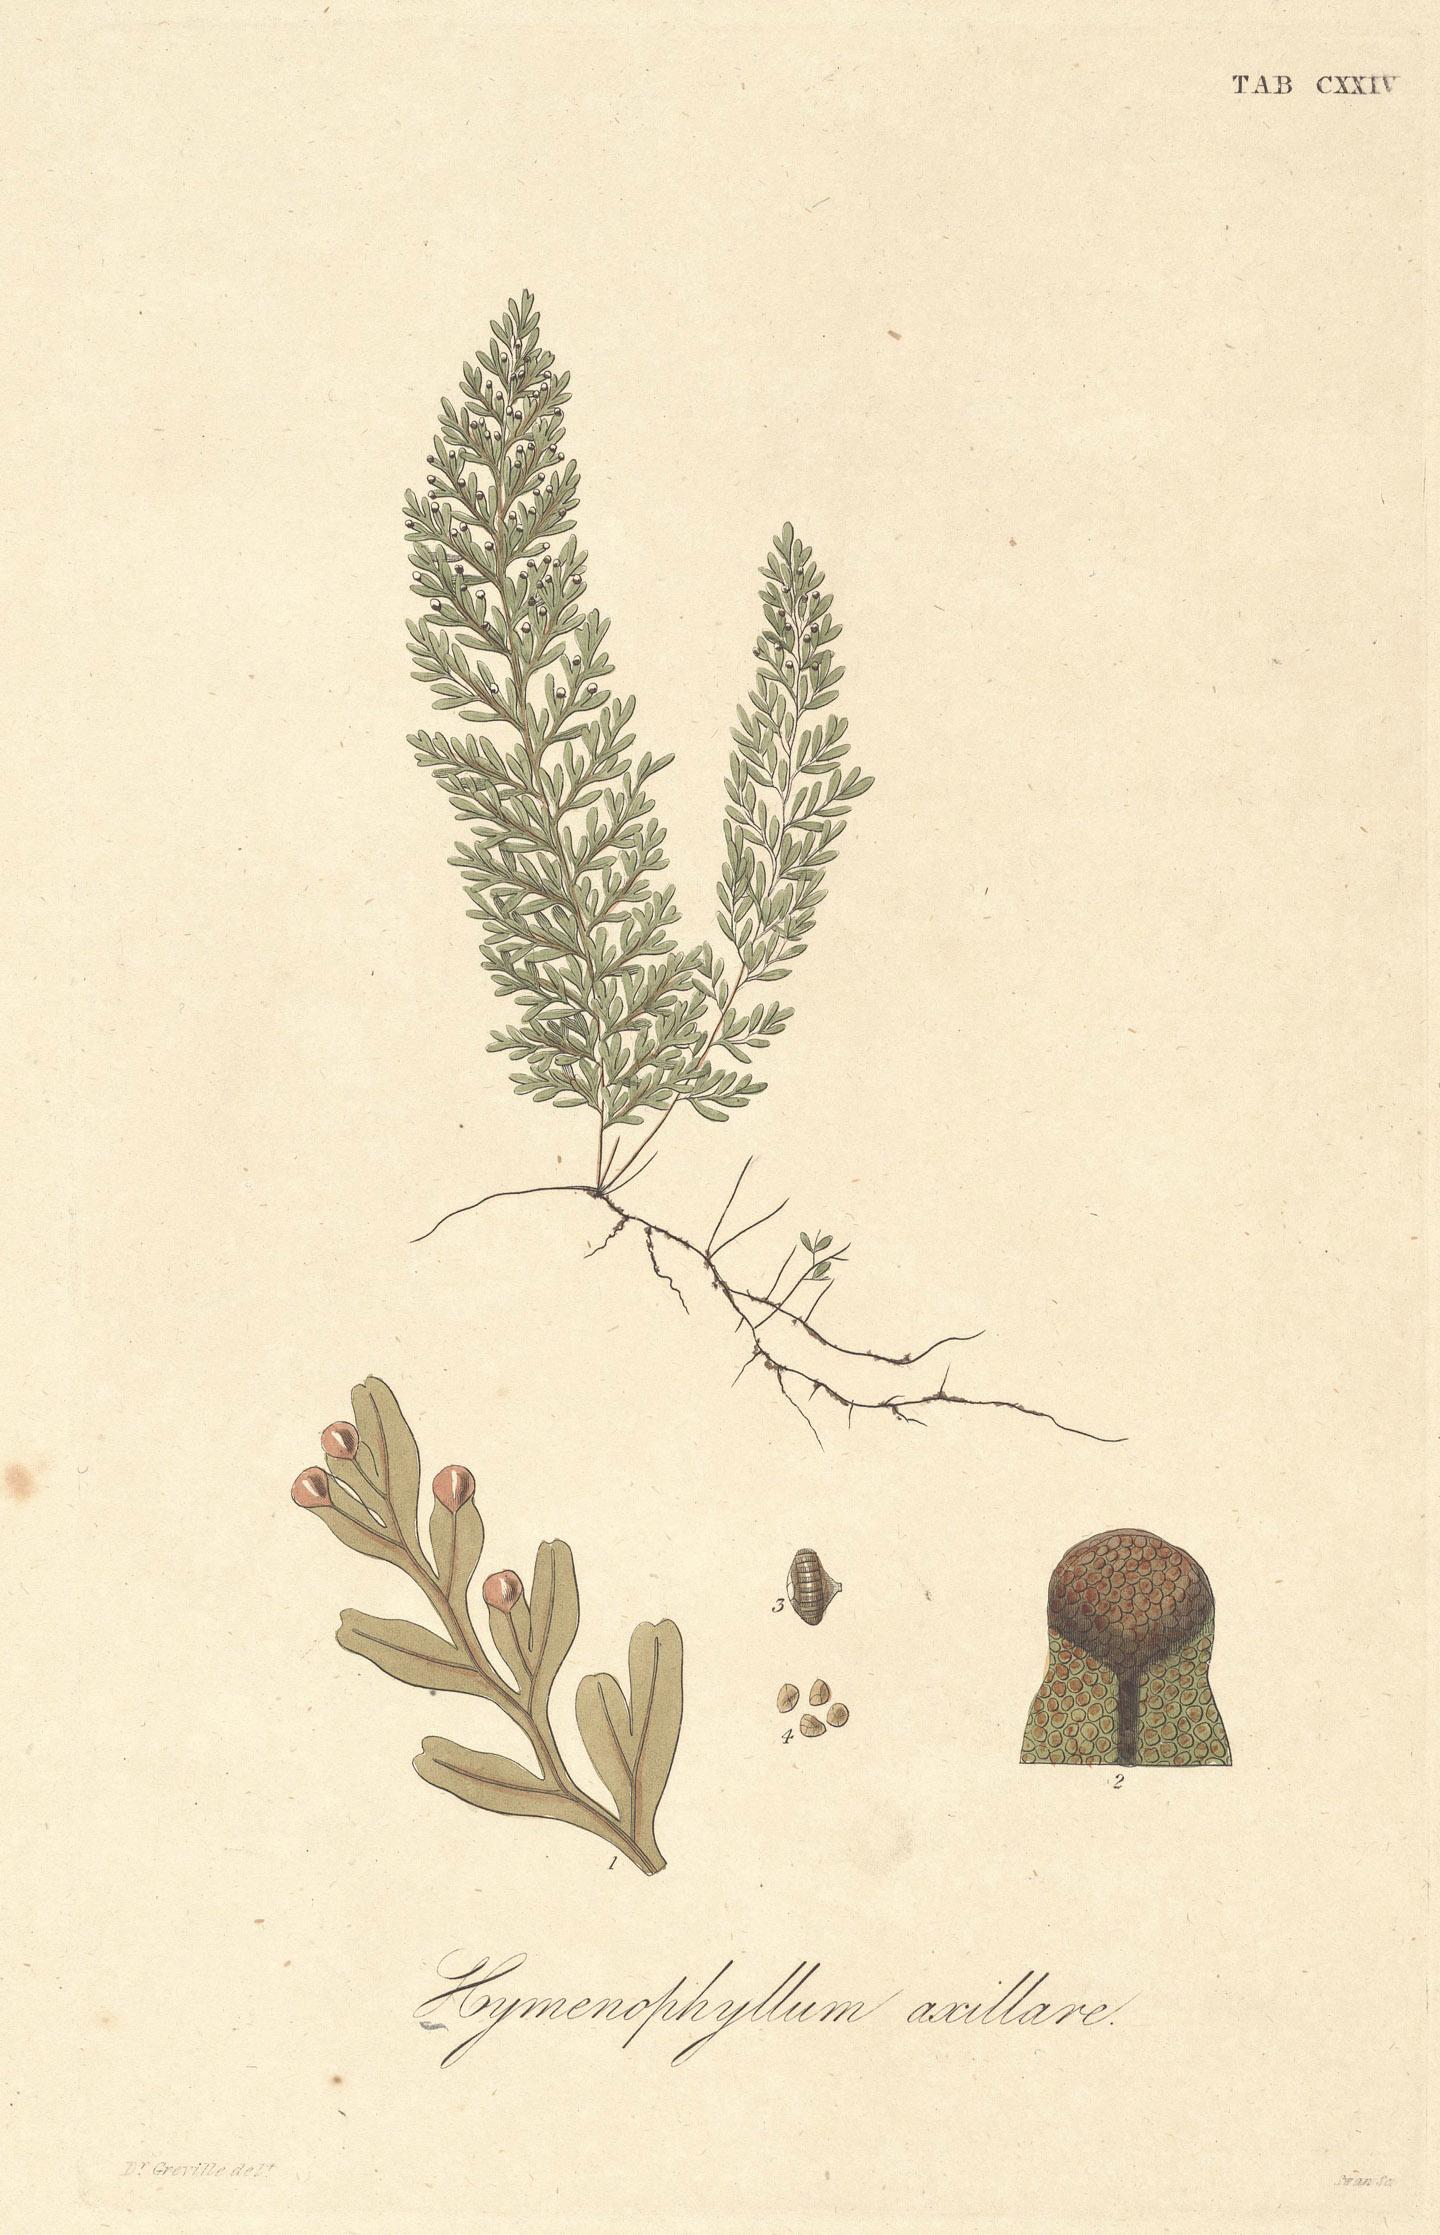 Hymenophyllum axillare